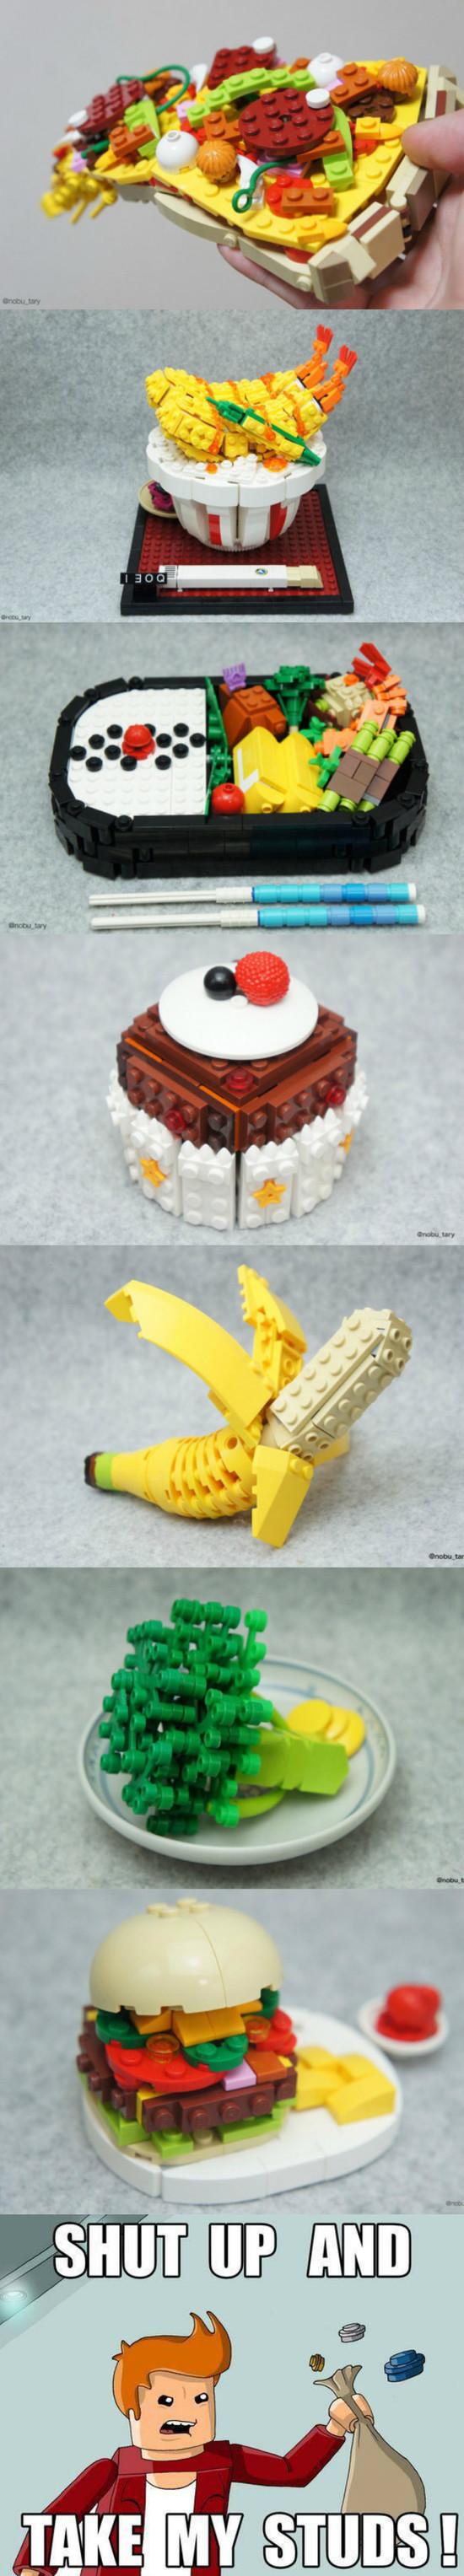 arte,comida,lego